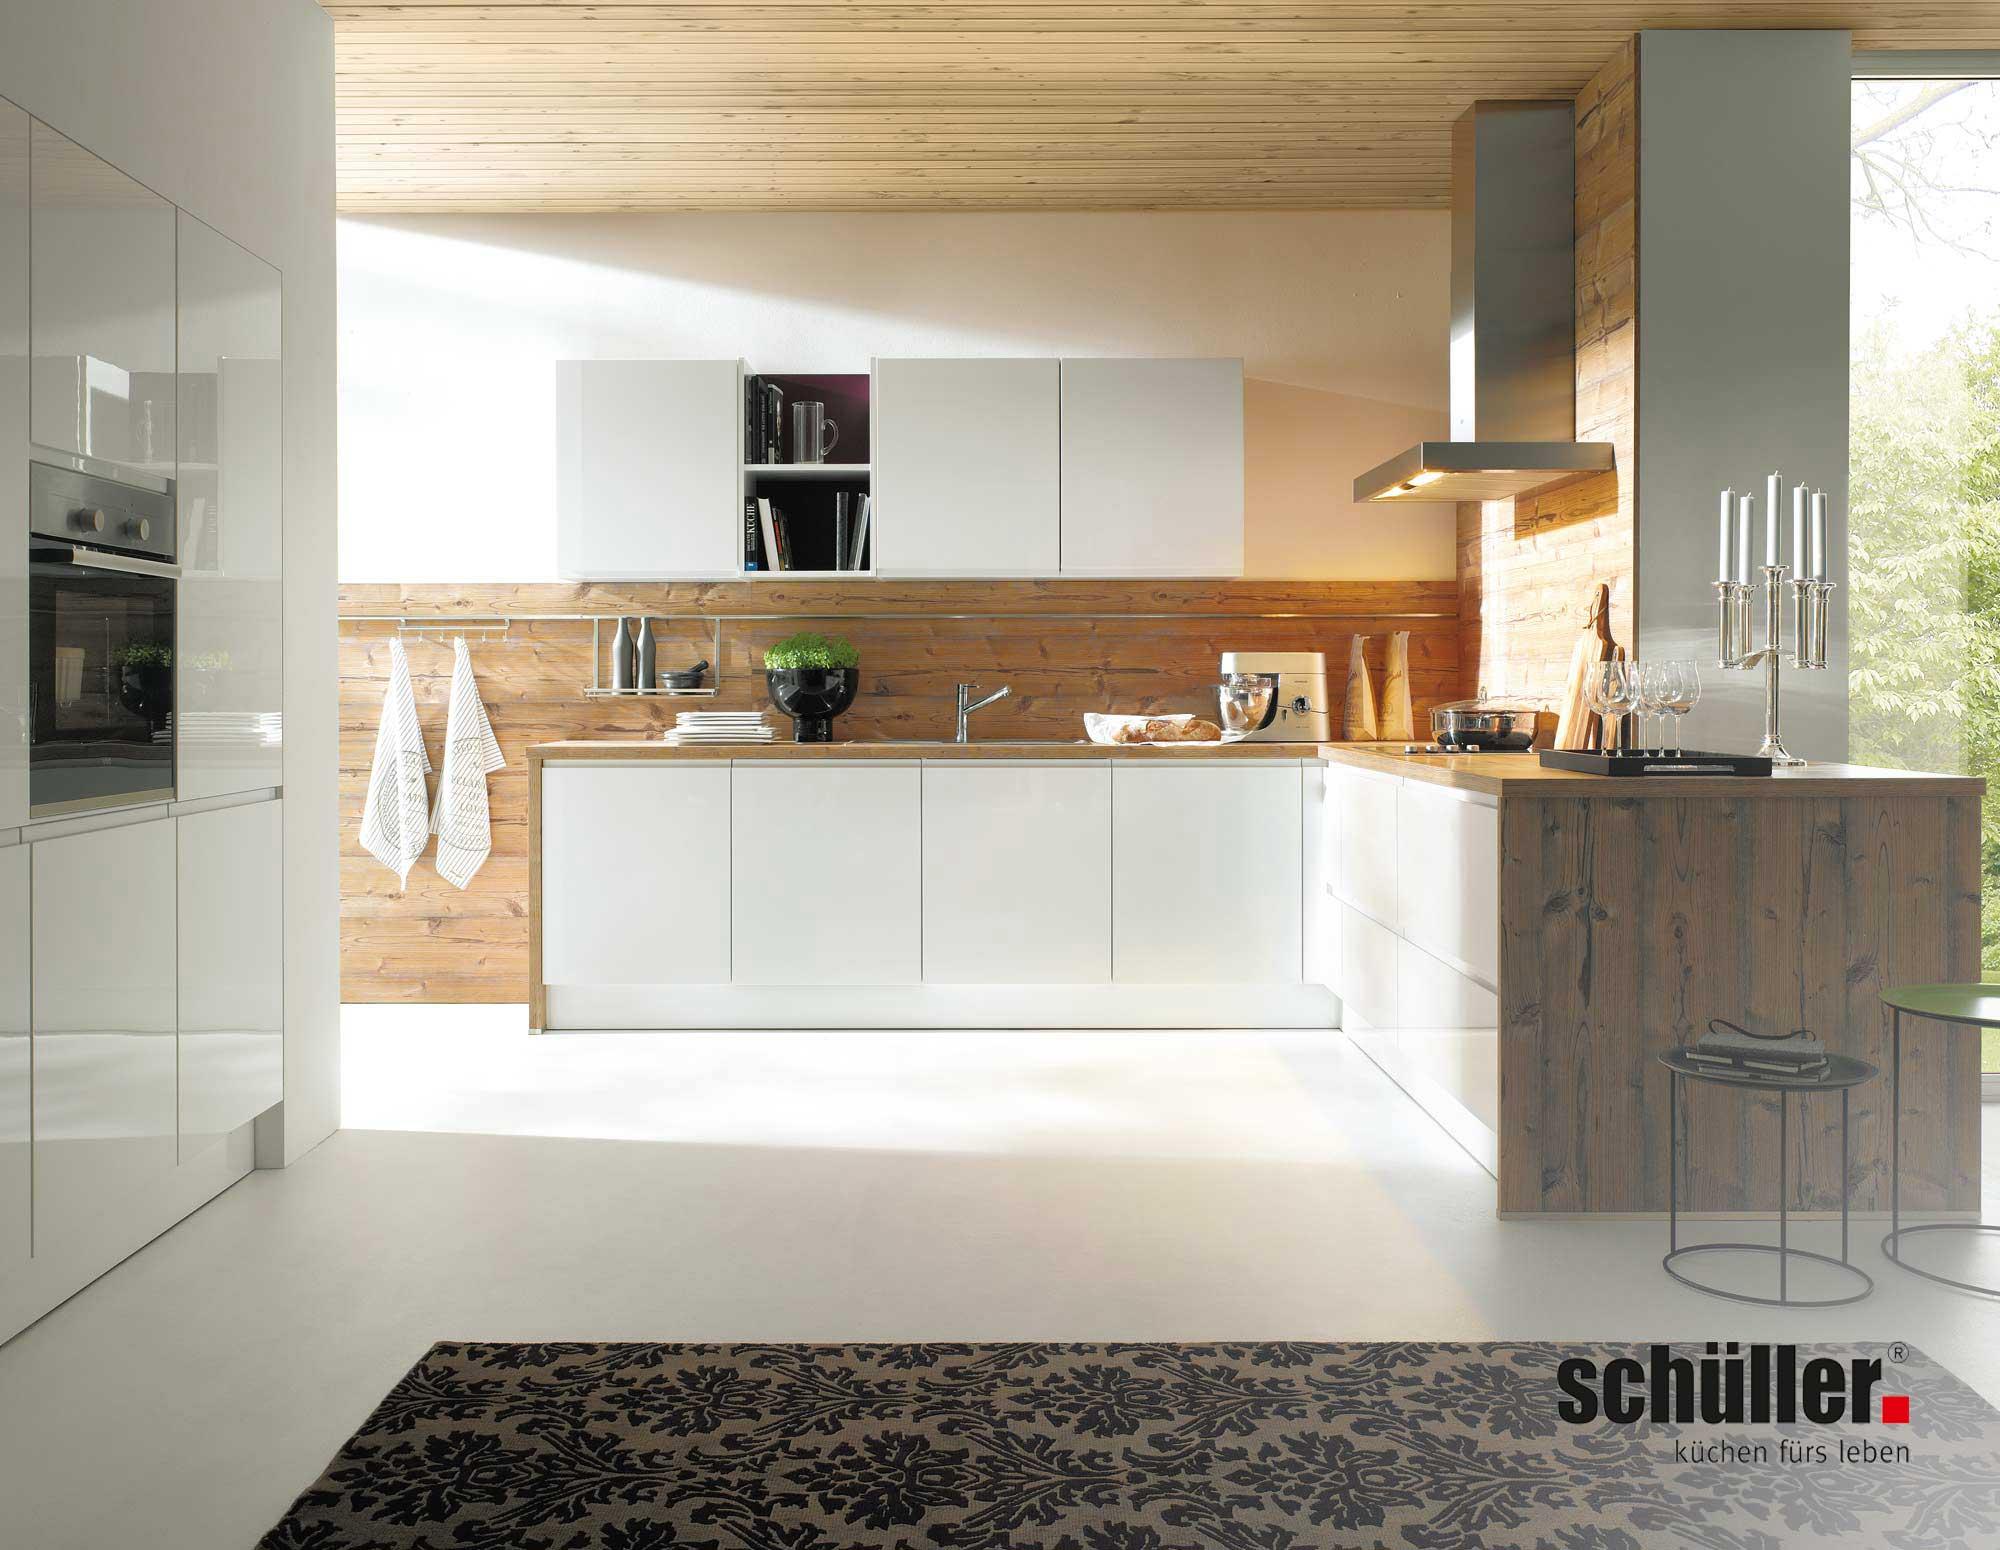 Full Size of Hochglanz Küche Empfindlich Reiniger Für Hochglanz Küche Hochglanz Küche Creme Hochglanz Küche Putzen Prowin Küche Hochglanz Küche